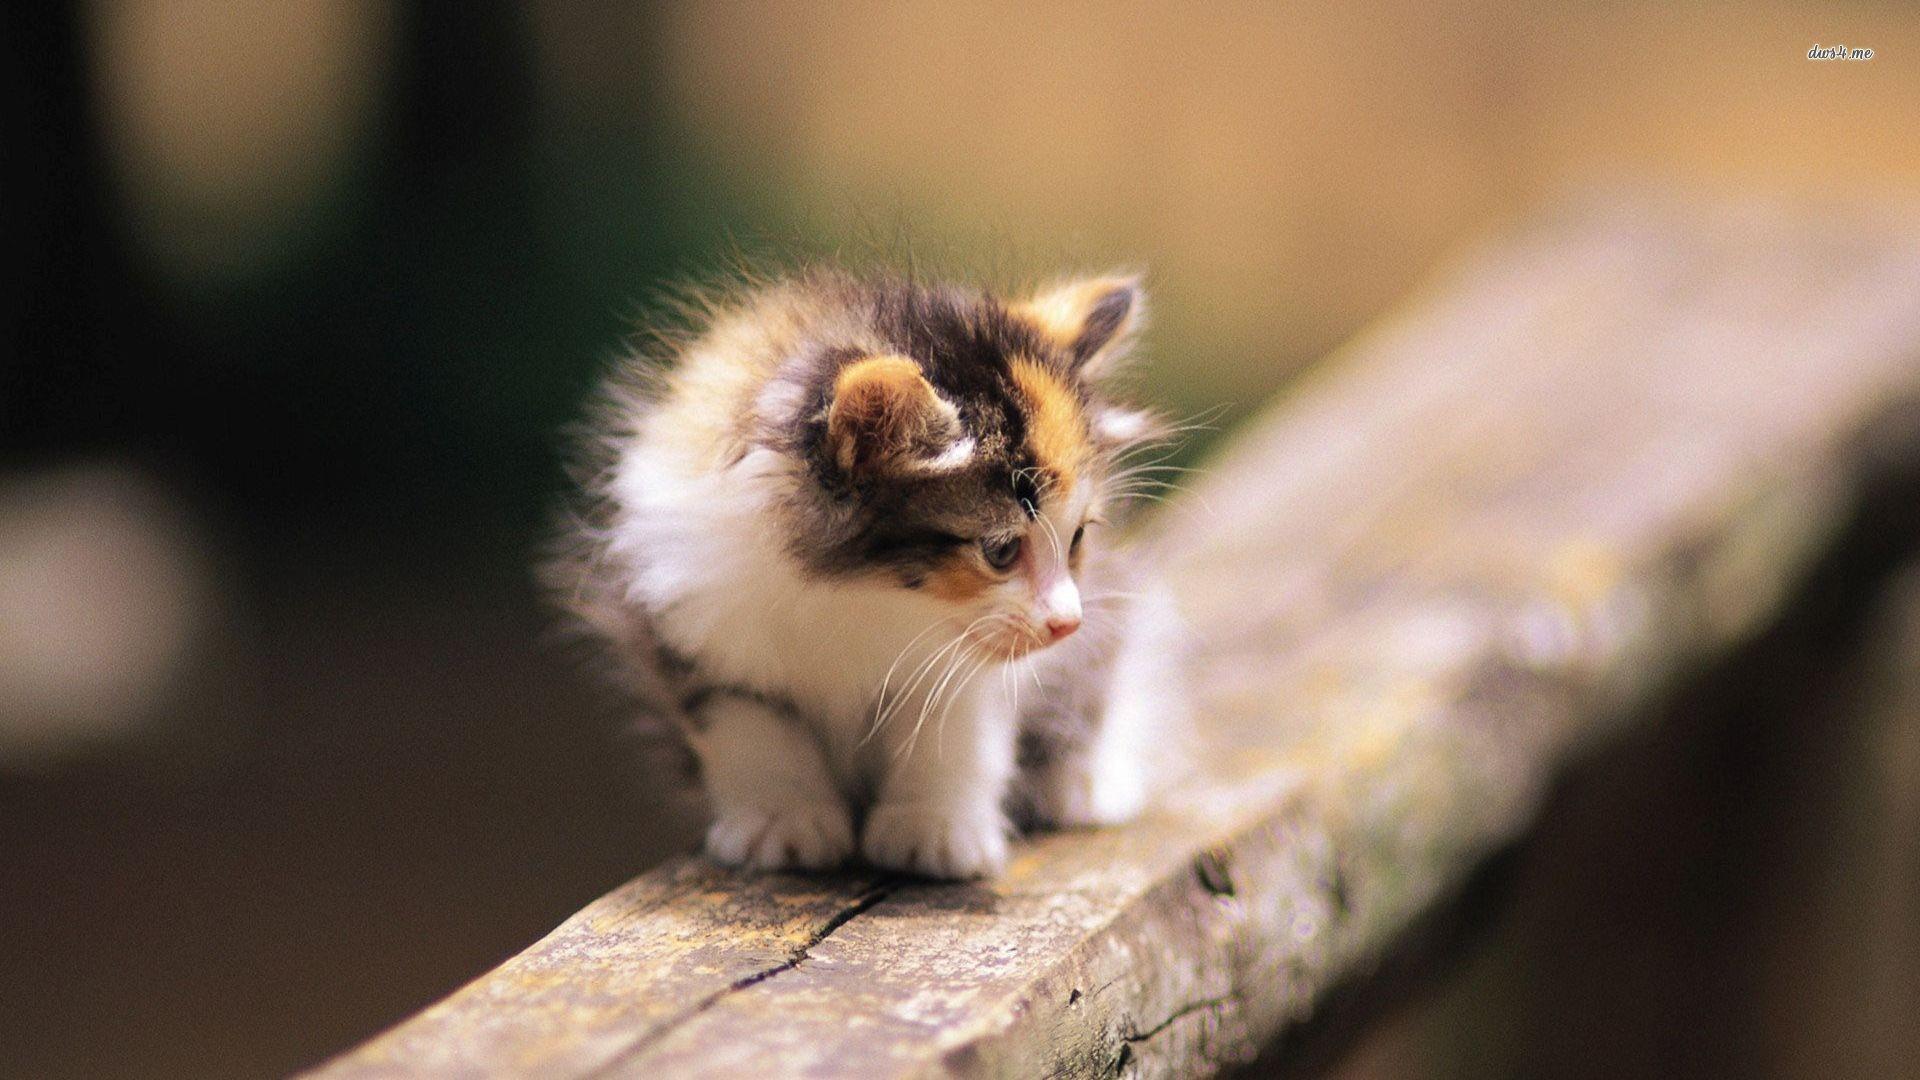 Cute Cat Wallpapers For Desktop